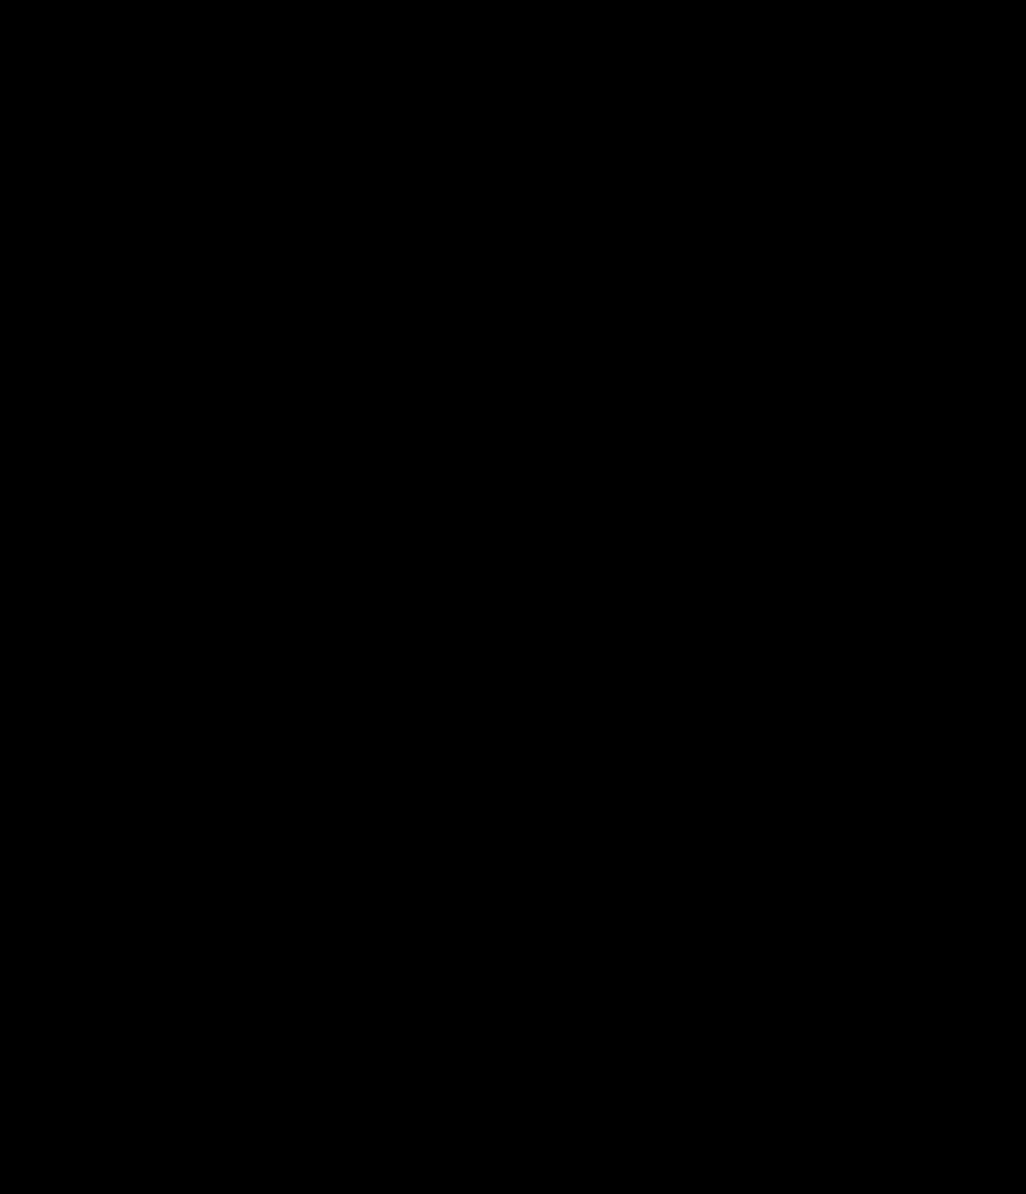 1-Isobutylpyrazole-4-boronic acid pinacol ester